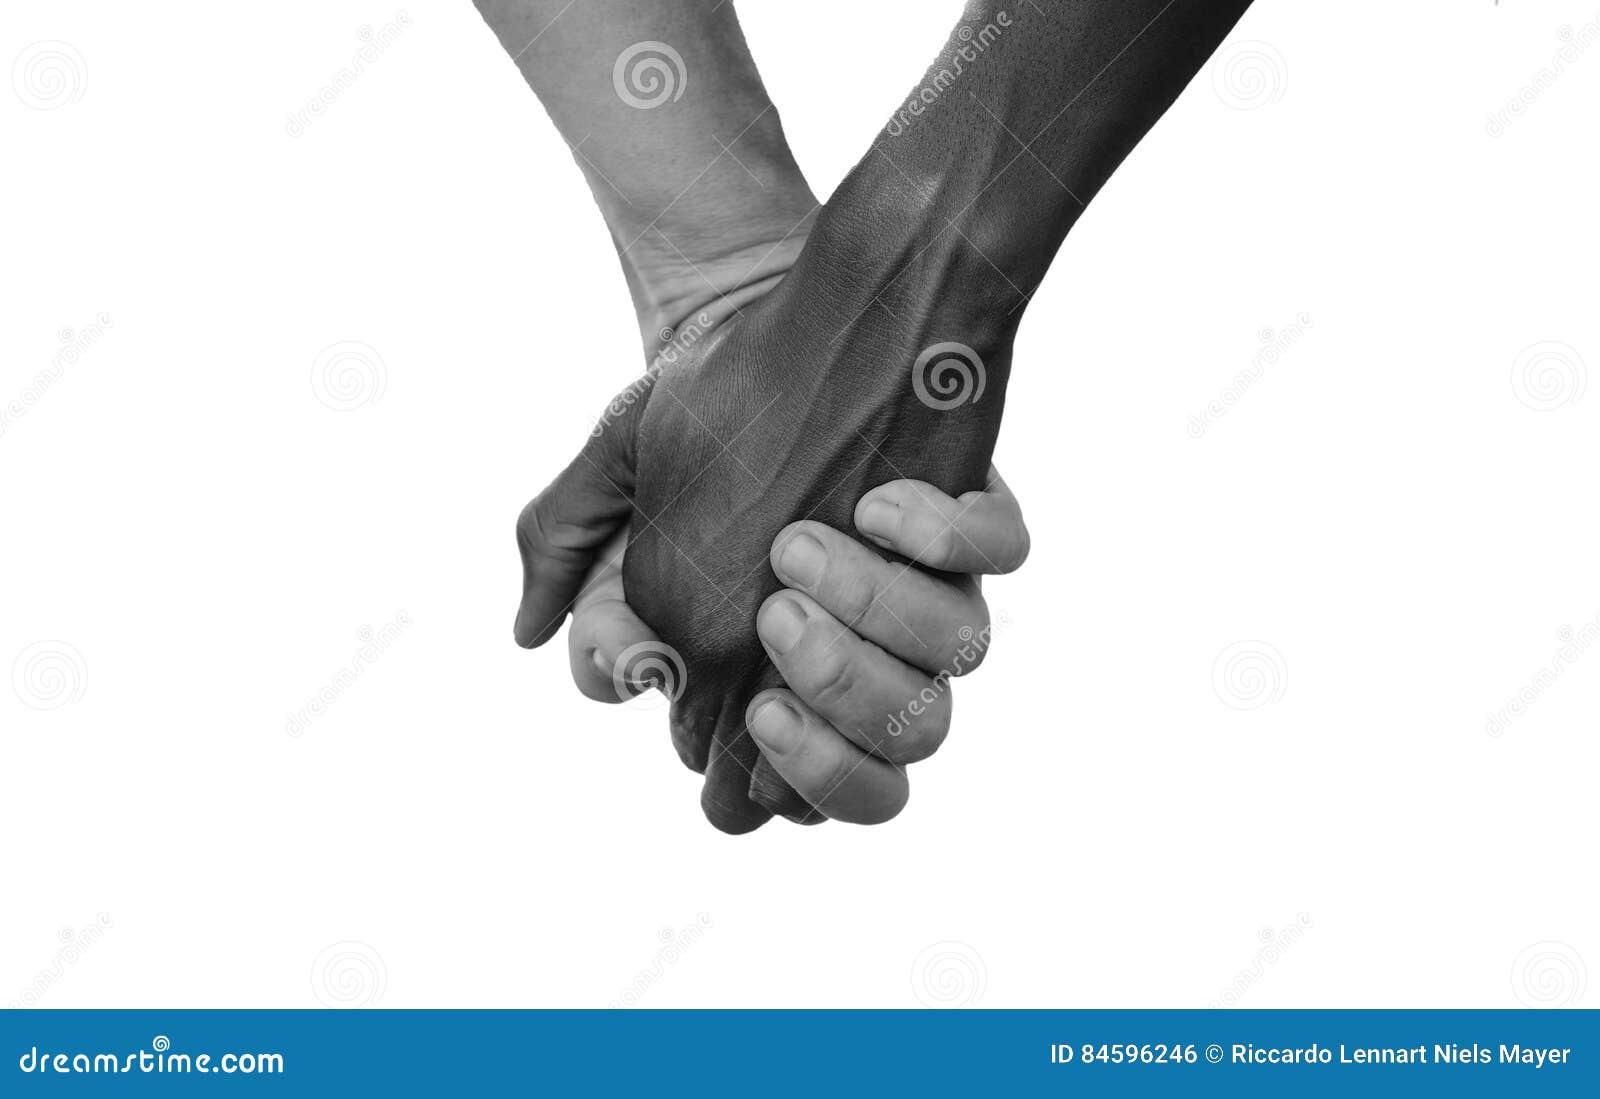 Pace Bianco E Nero in bianco e nero tenga per mano per amore di pace del